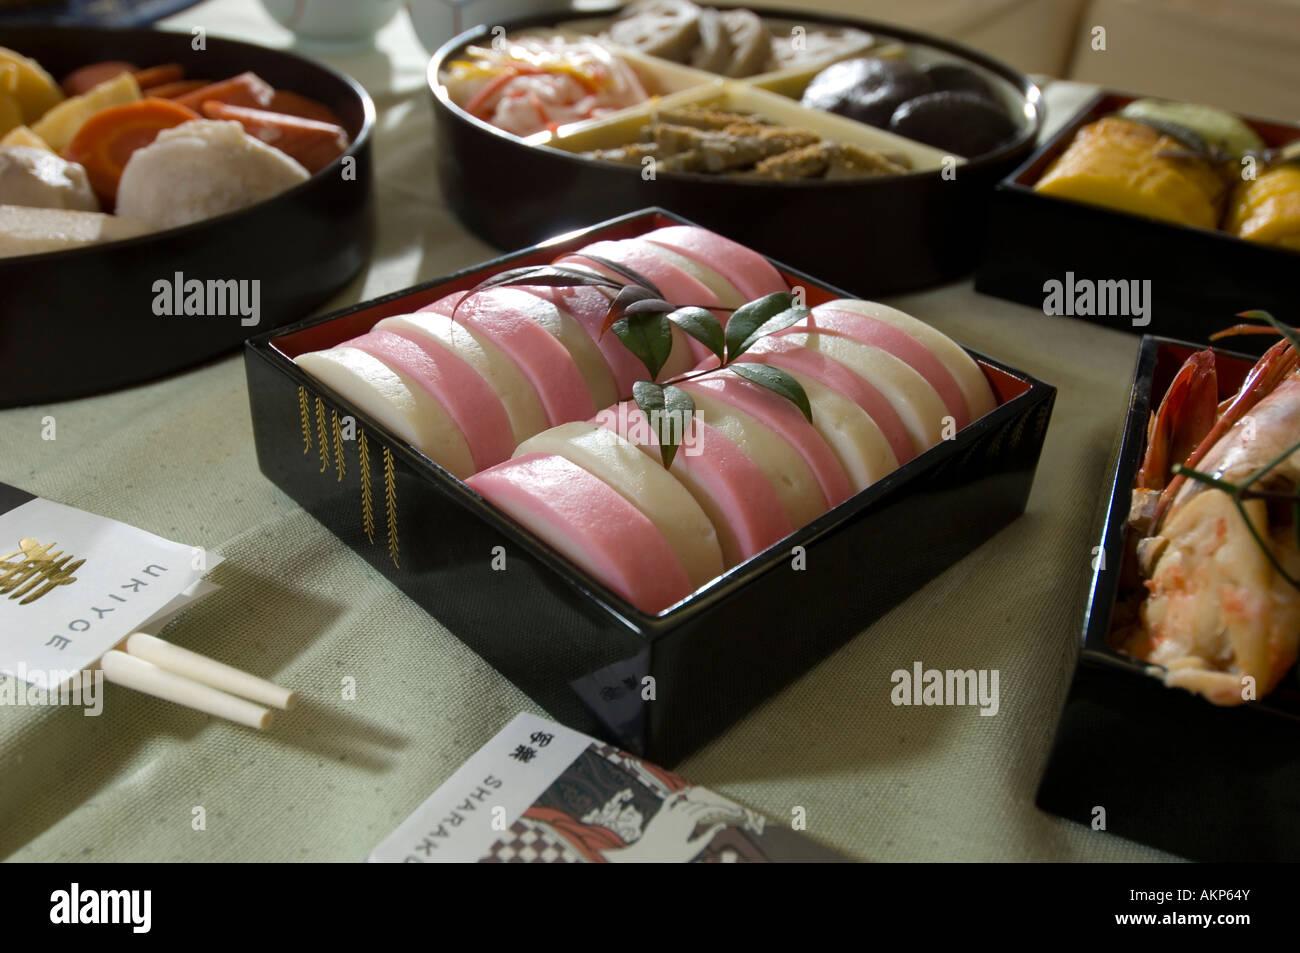 Japanese Dinner Table japanese family dinner table stock photos & japanese family dinner